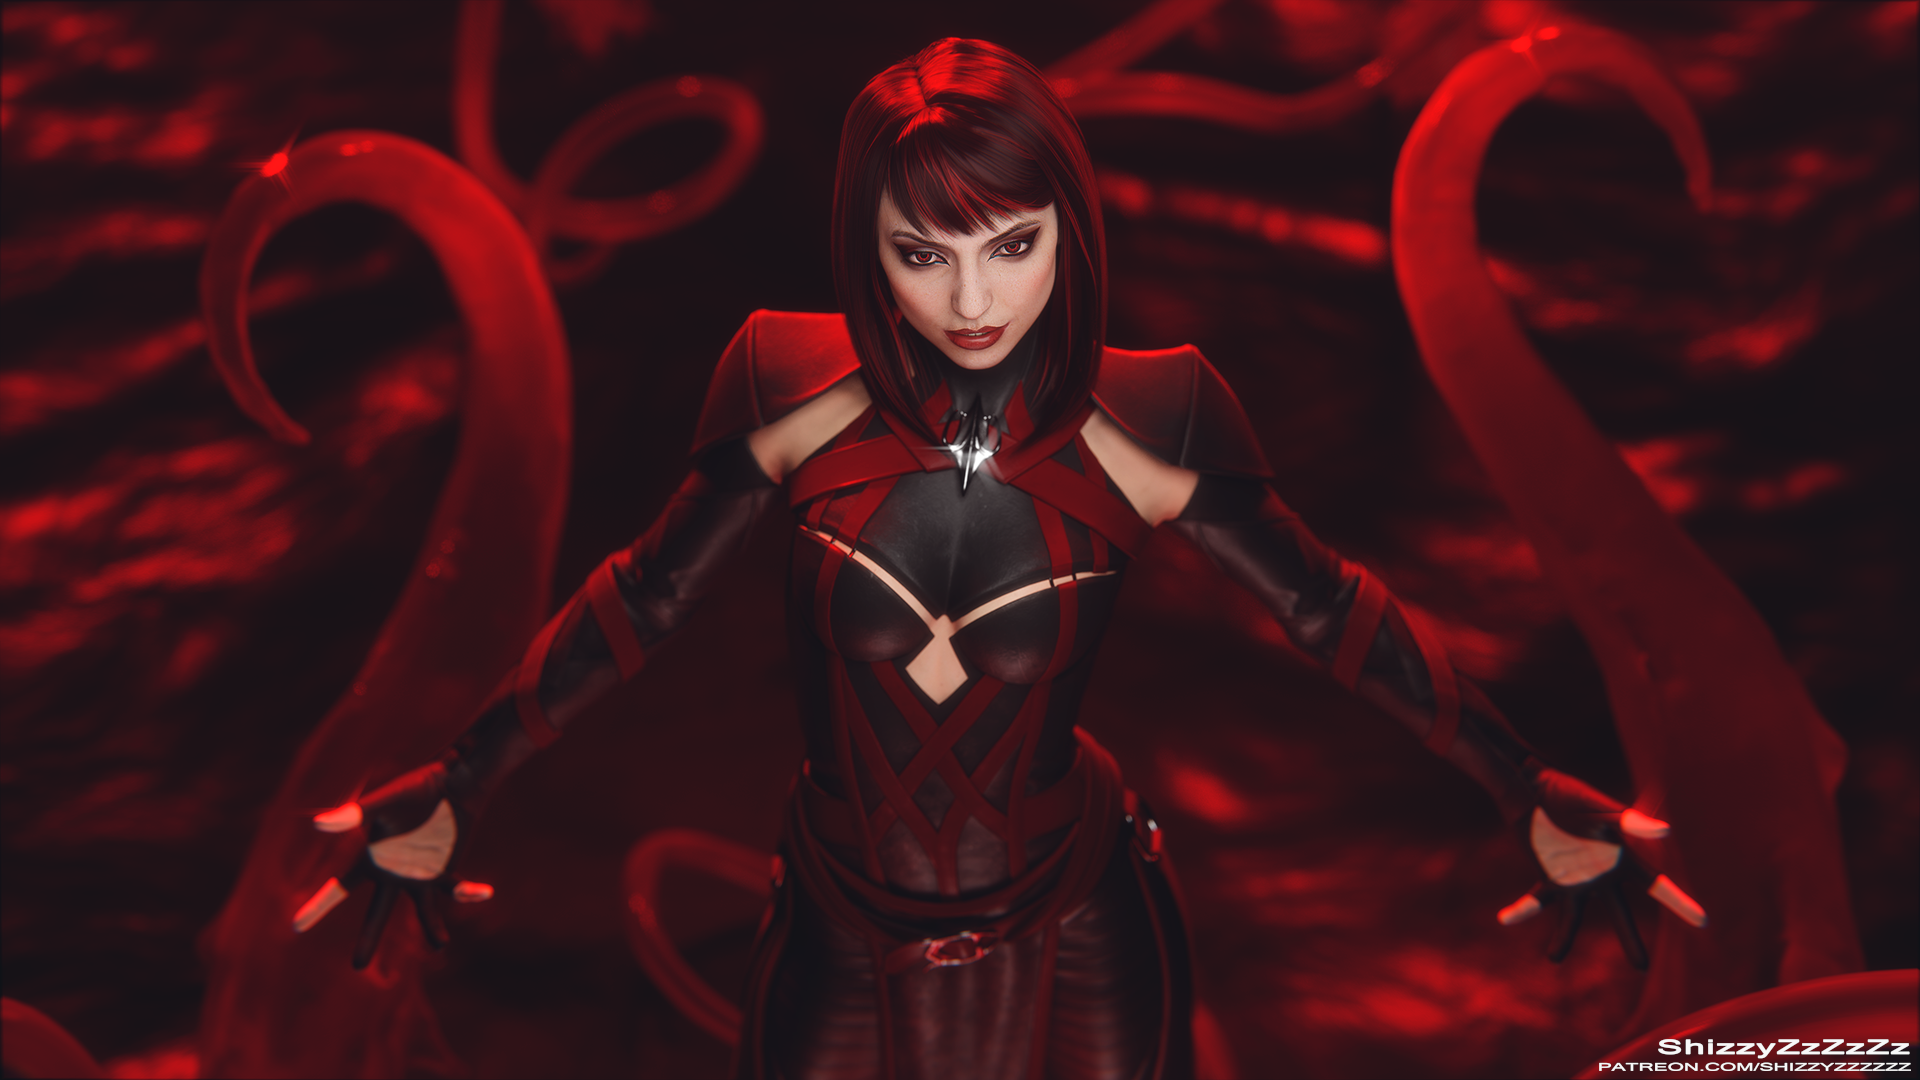 Skarlet Mortal Kombat 11 by yozoriku on DeviantArt